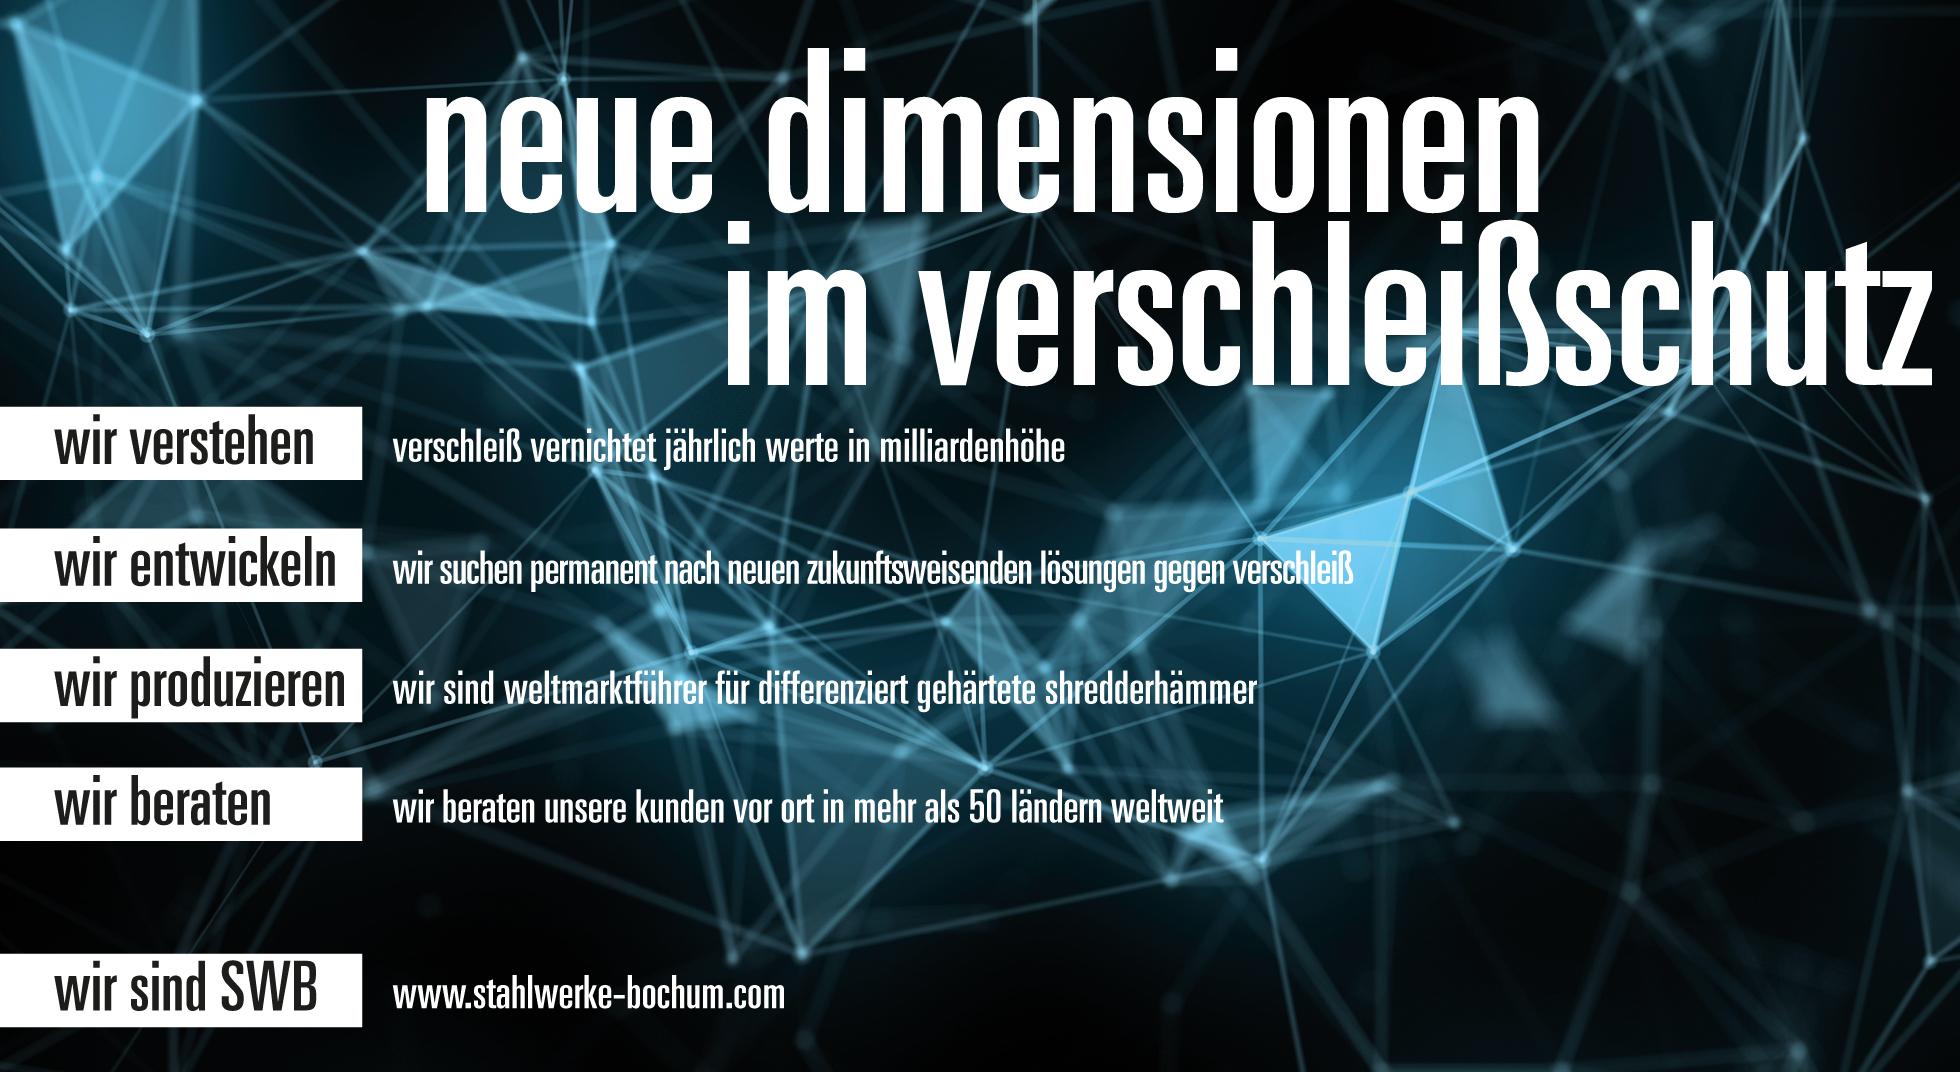 neue dimensionen im verschleißschutz - vier dimensionen werden vorgestellt